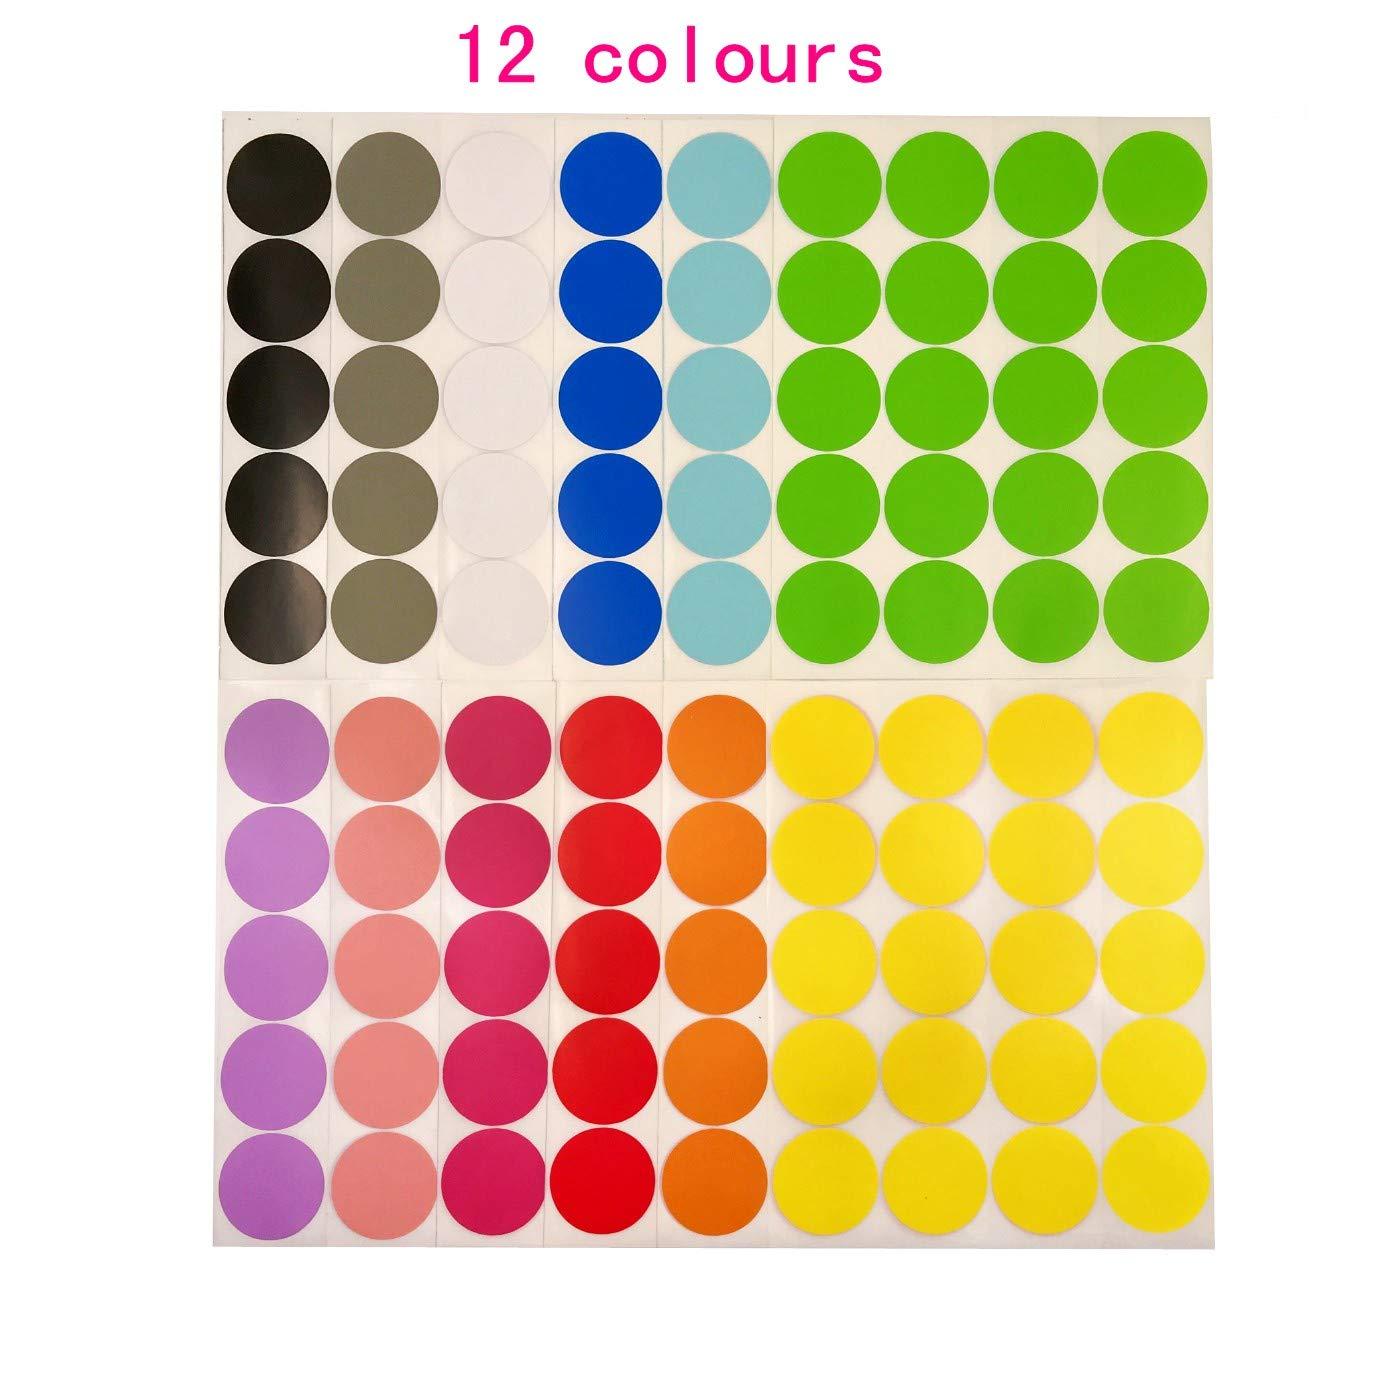 JZK 12 x Bl/ätter 50mm 12 Farben Gro/ß bunt rund Punkt Aufkleber Farbcodierung Etiketten Dots Etiketten selbstklebend Klebepunkte 240 Punkte